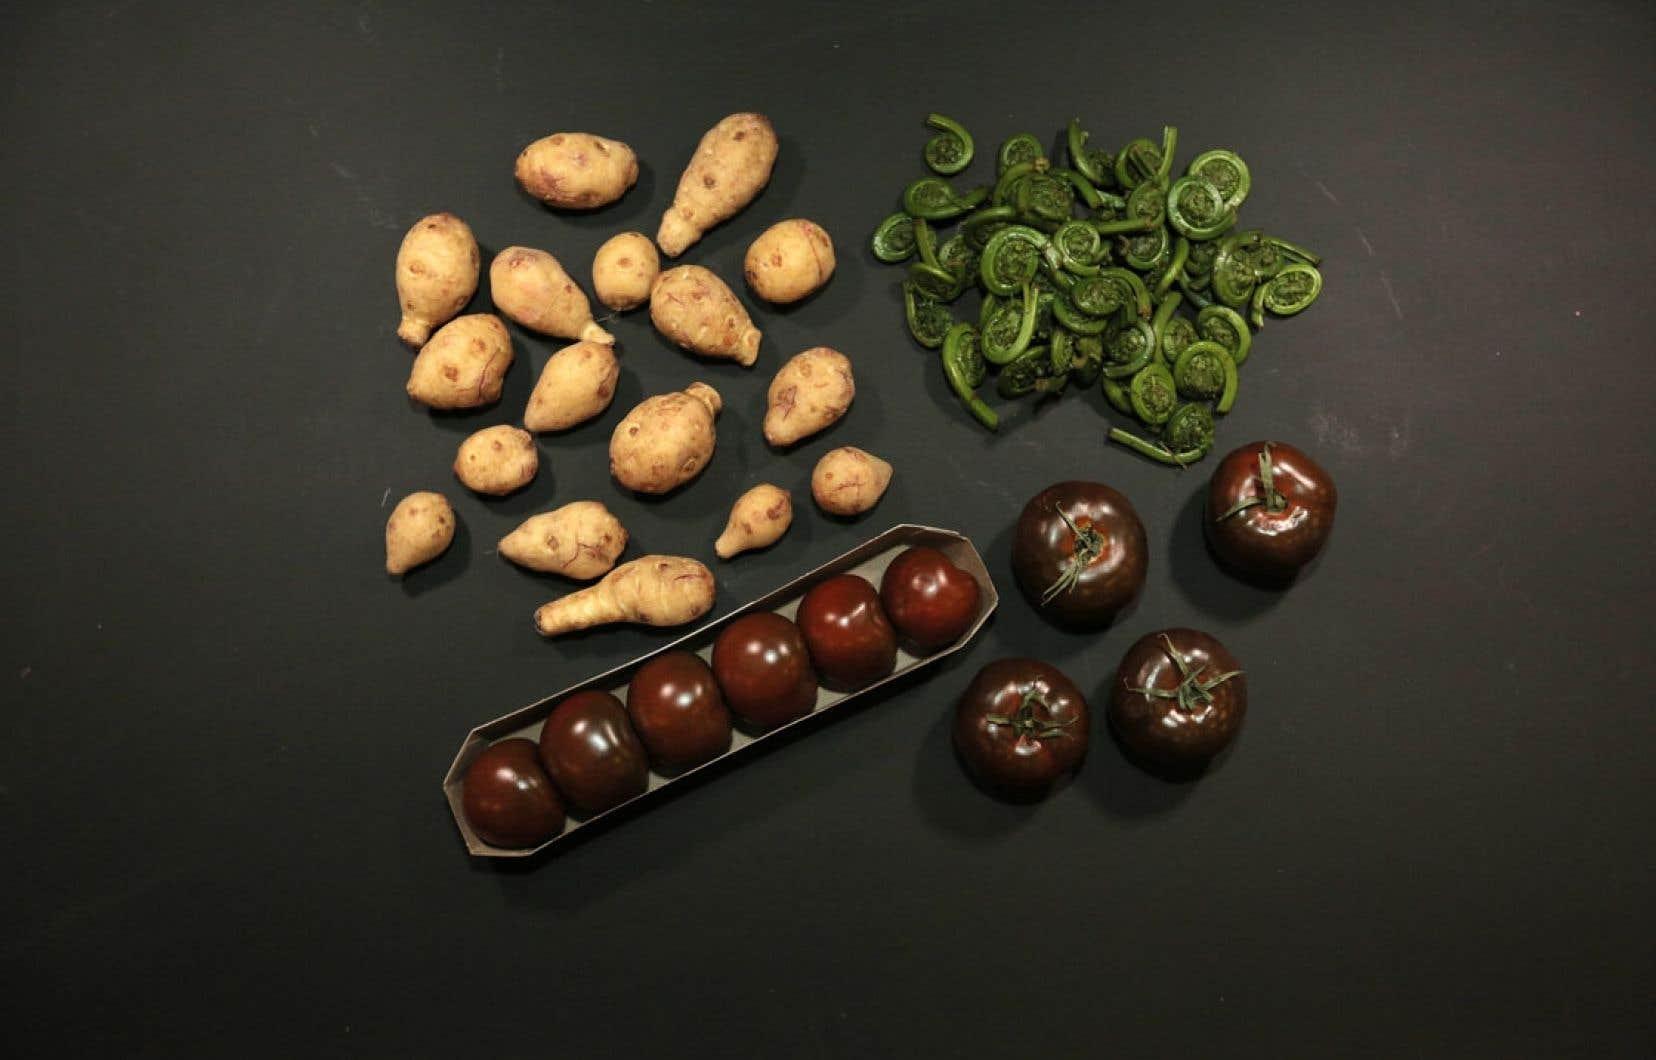 L'intérêt pour les légumes méconnus a vraiment pris de l'ampleur au cours des cinq dernières années.